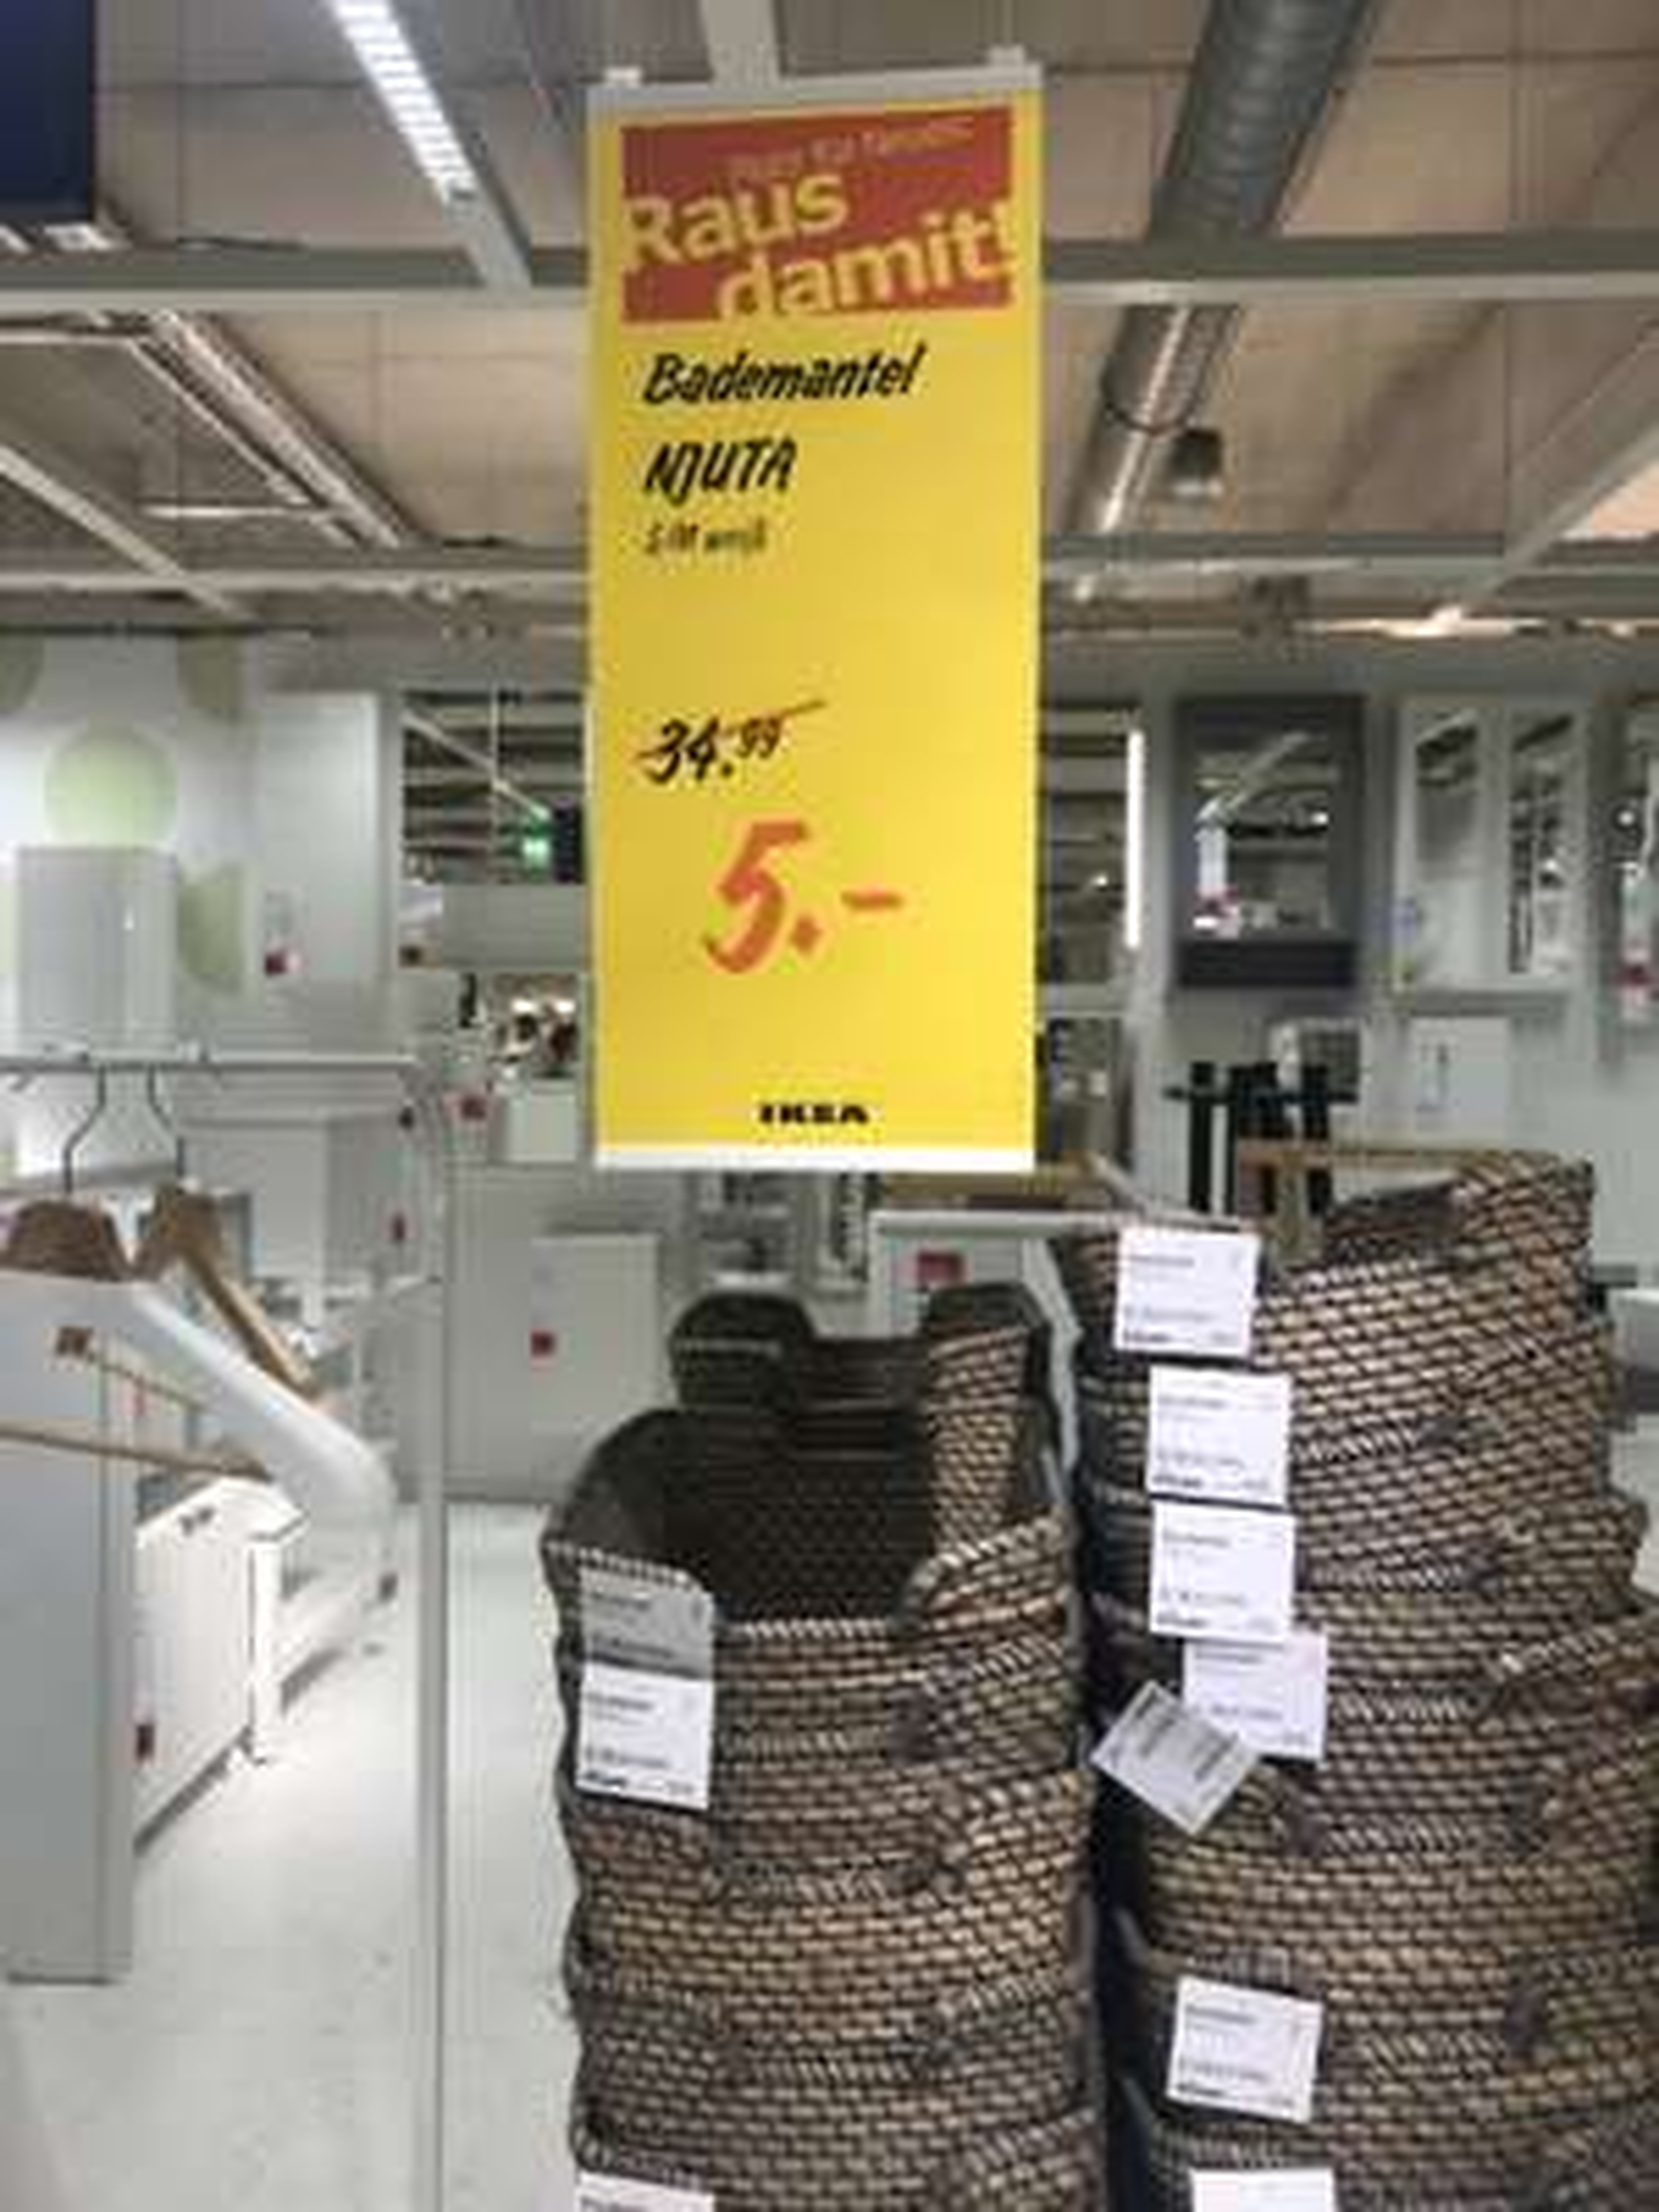 [Lokal Ikea Berlin Lichtenberg] NJUTA Bademantel weiß für 5€, Dvala Bettlaken, Teijn Schaffell 2 für 1